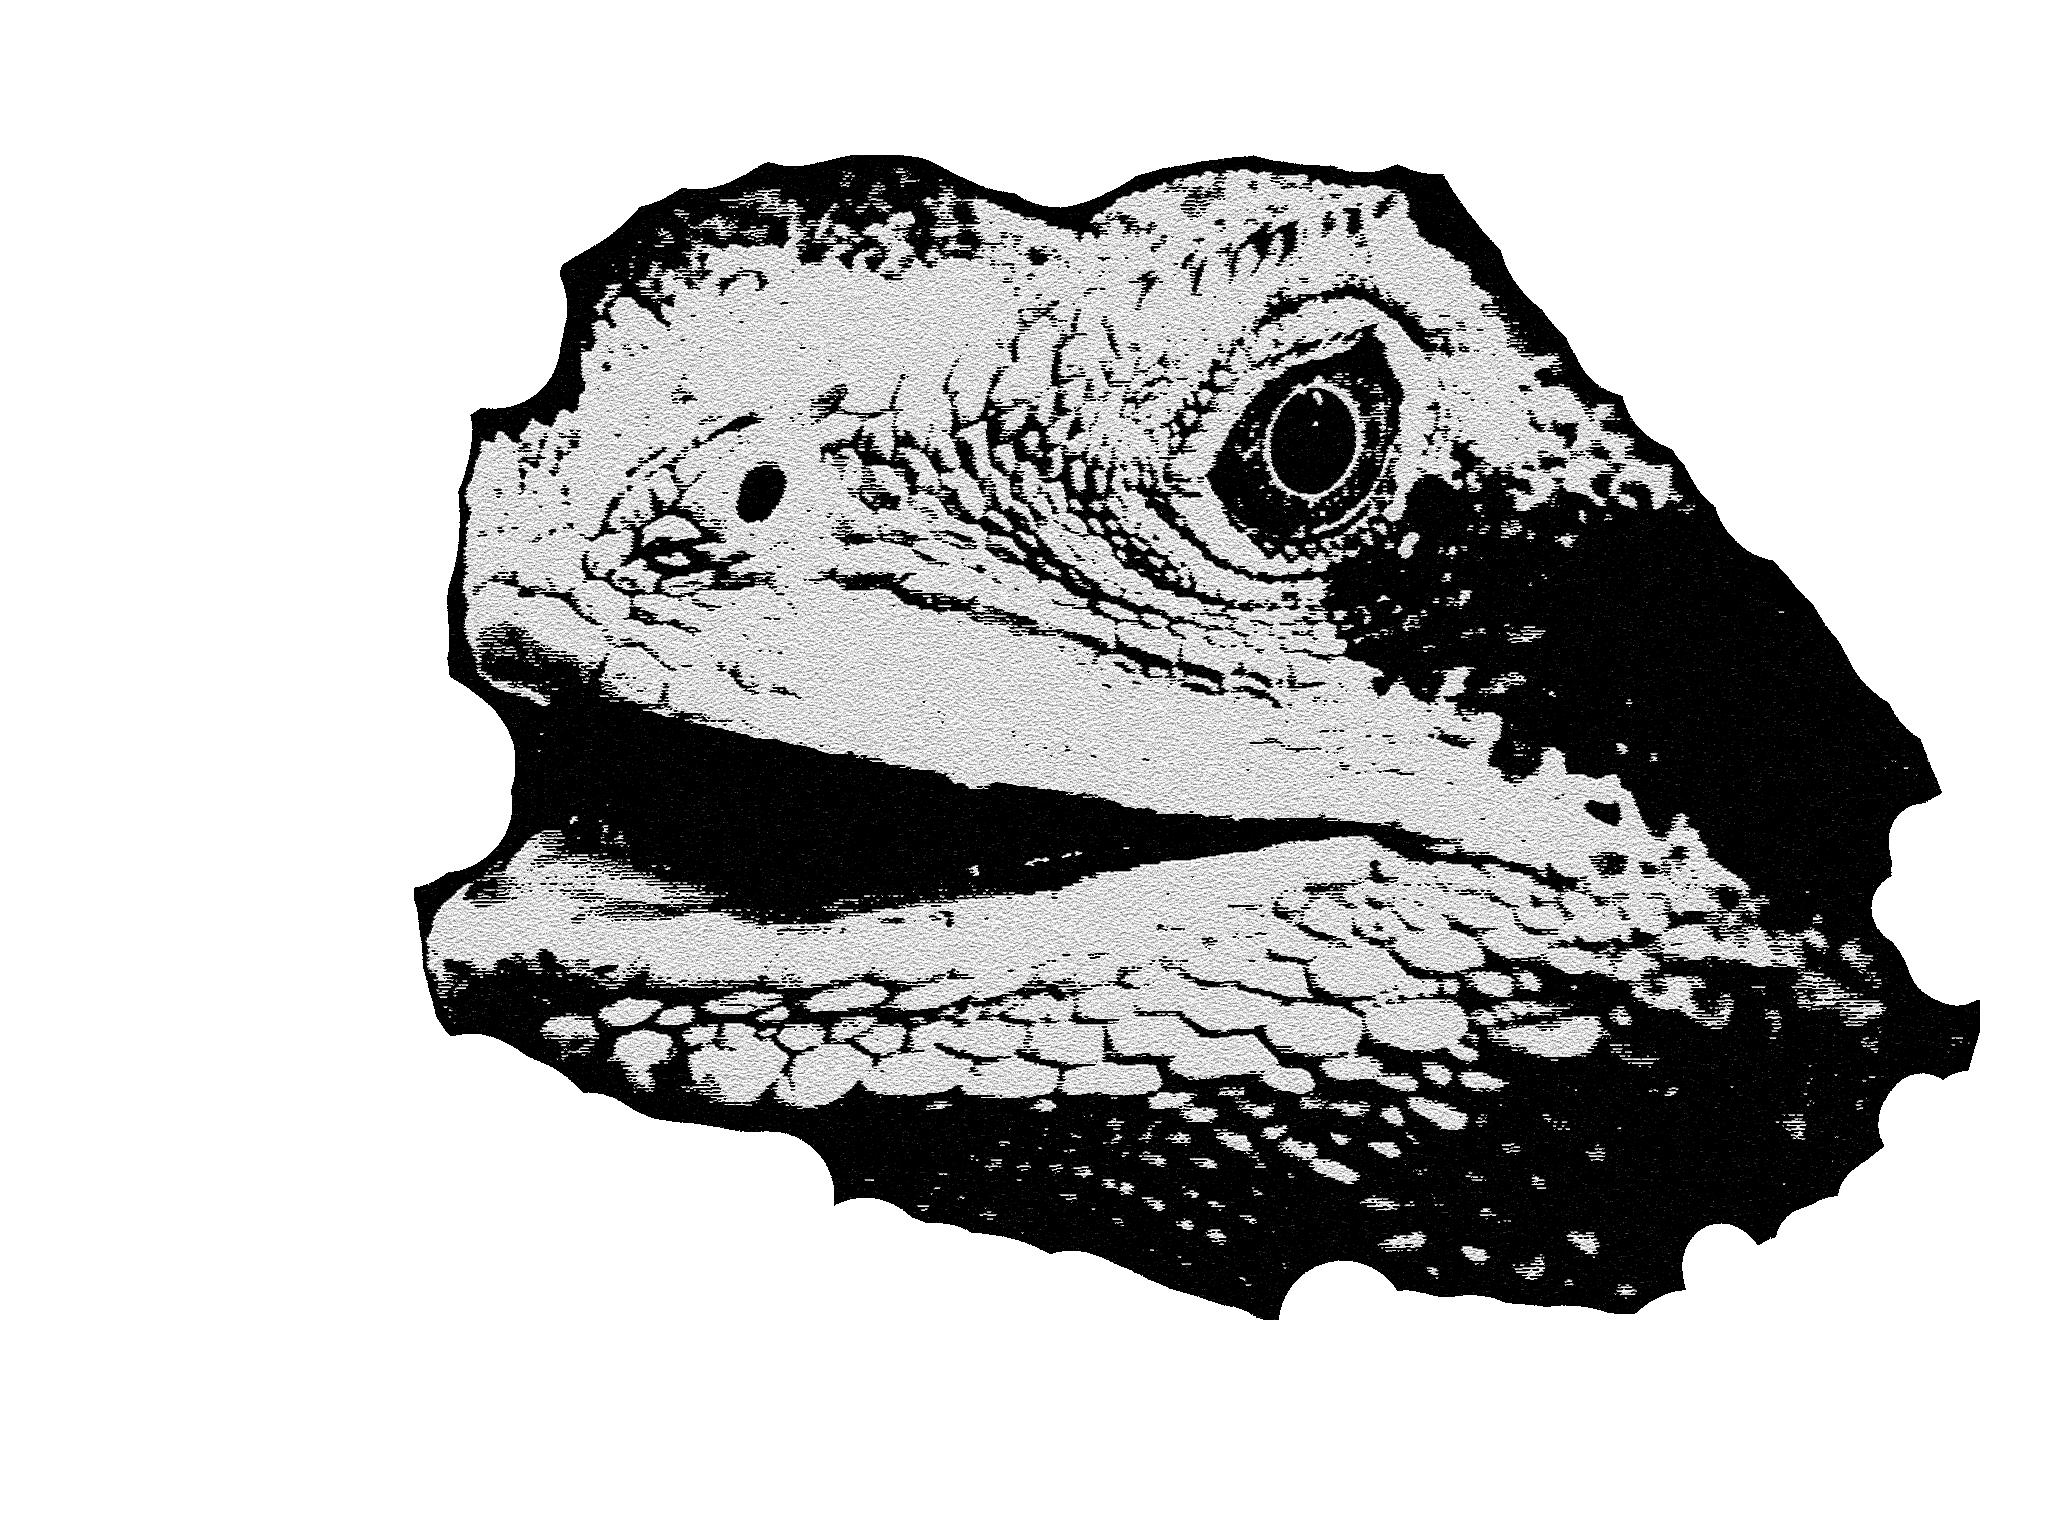 el lagarto en silueta tenue